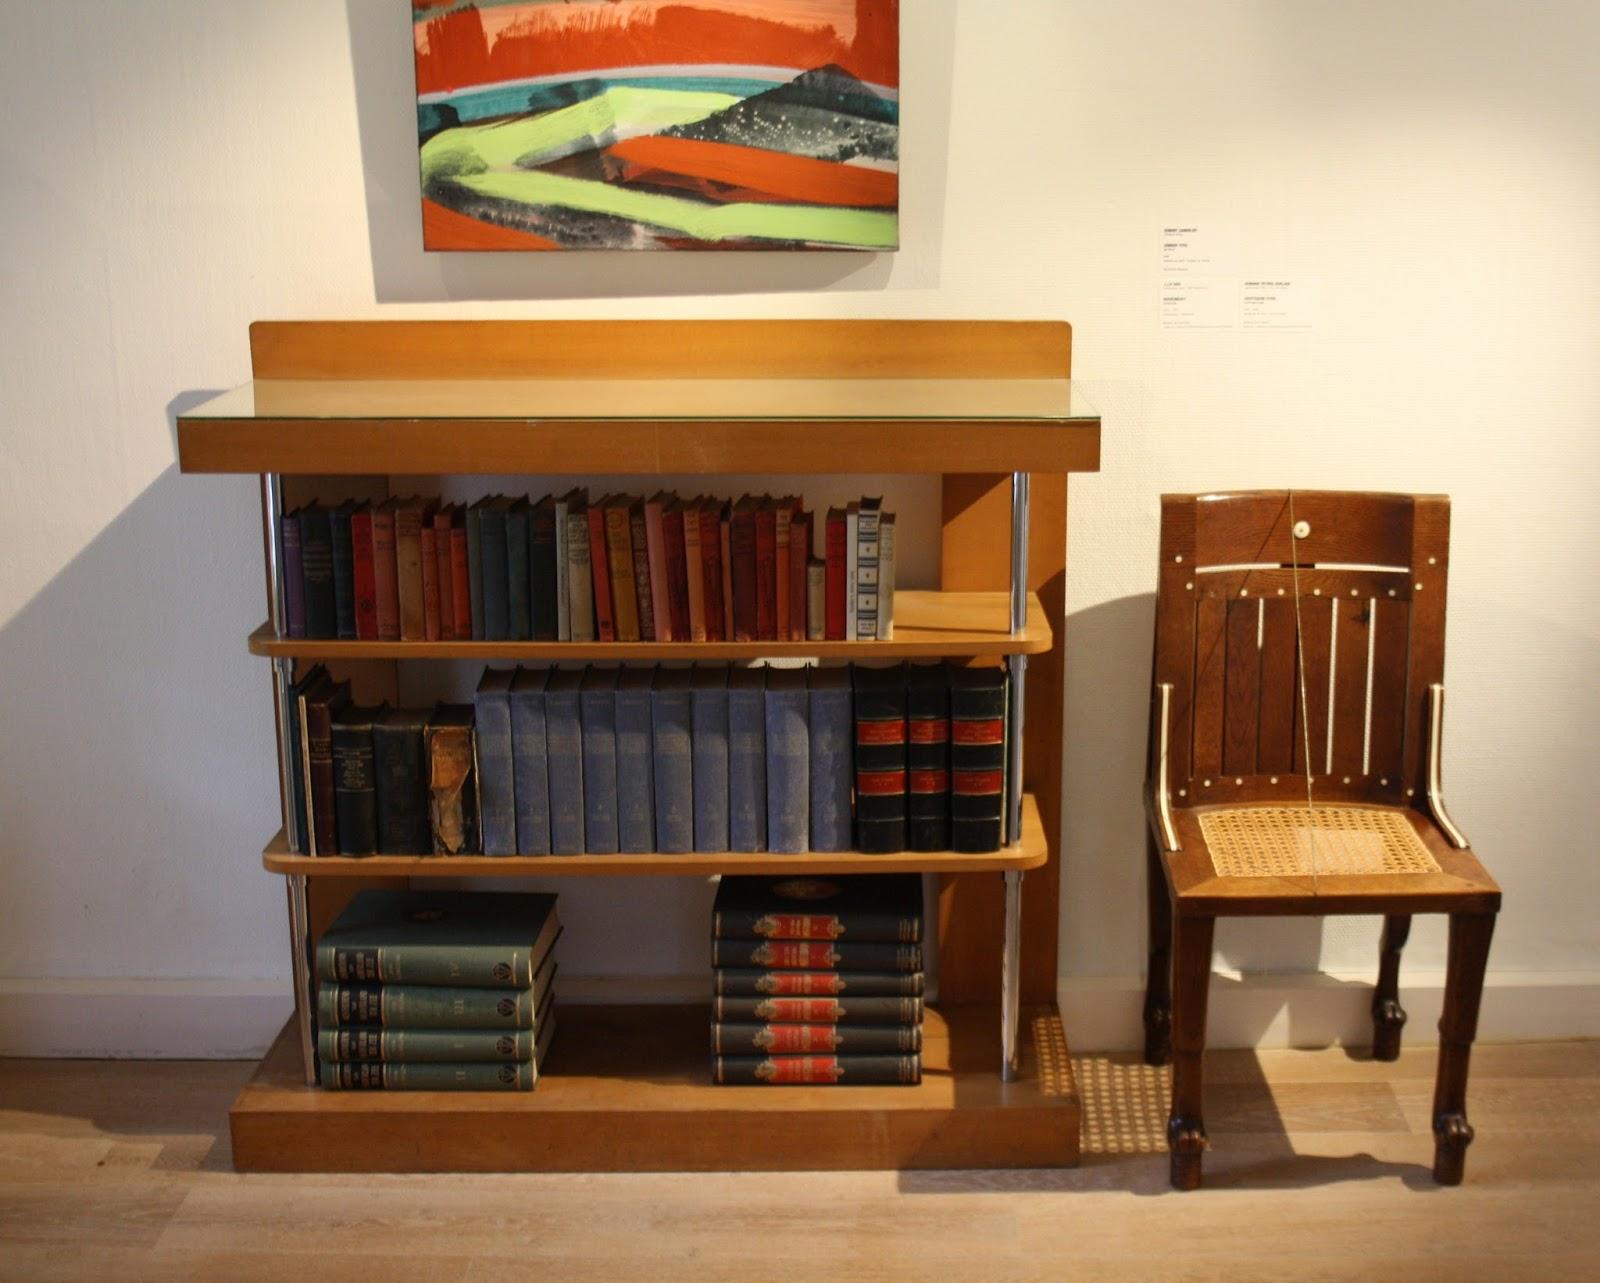 boek j j p oud meubelontwerpen en interieurs door e reinhartz tweetalig ned en duits uitg de hef 208 blz fl3990 na 1 nov fl45